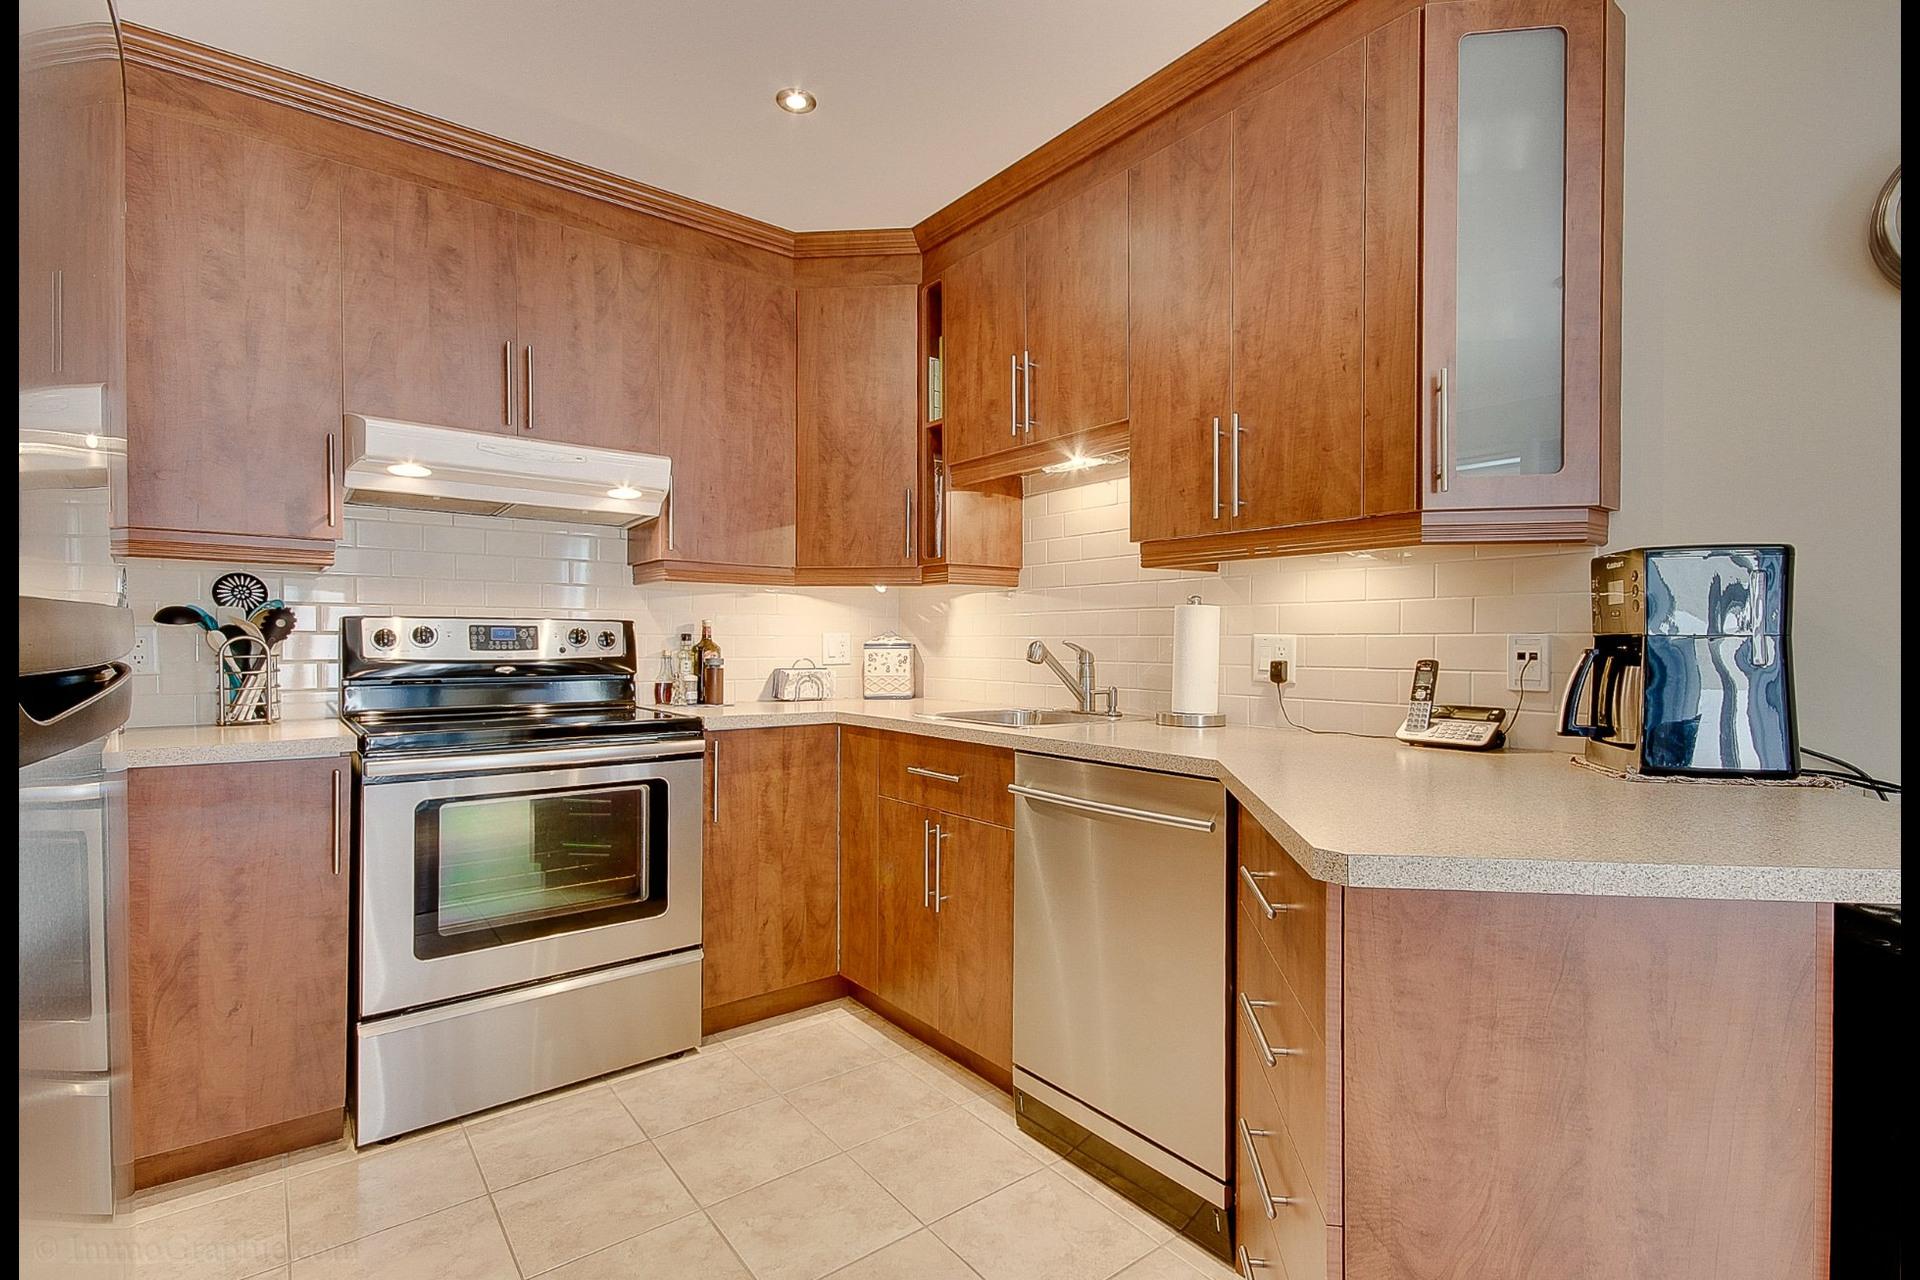 image 8 - Appartement À vendre Trois-Rivières - 9 pièces